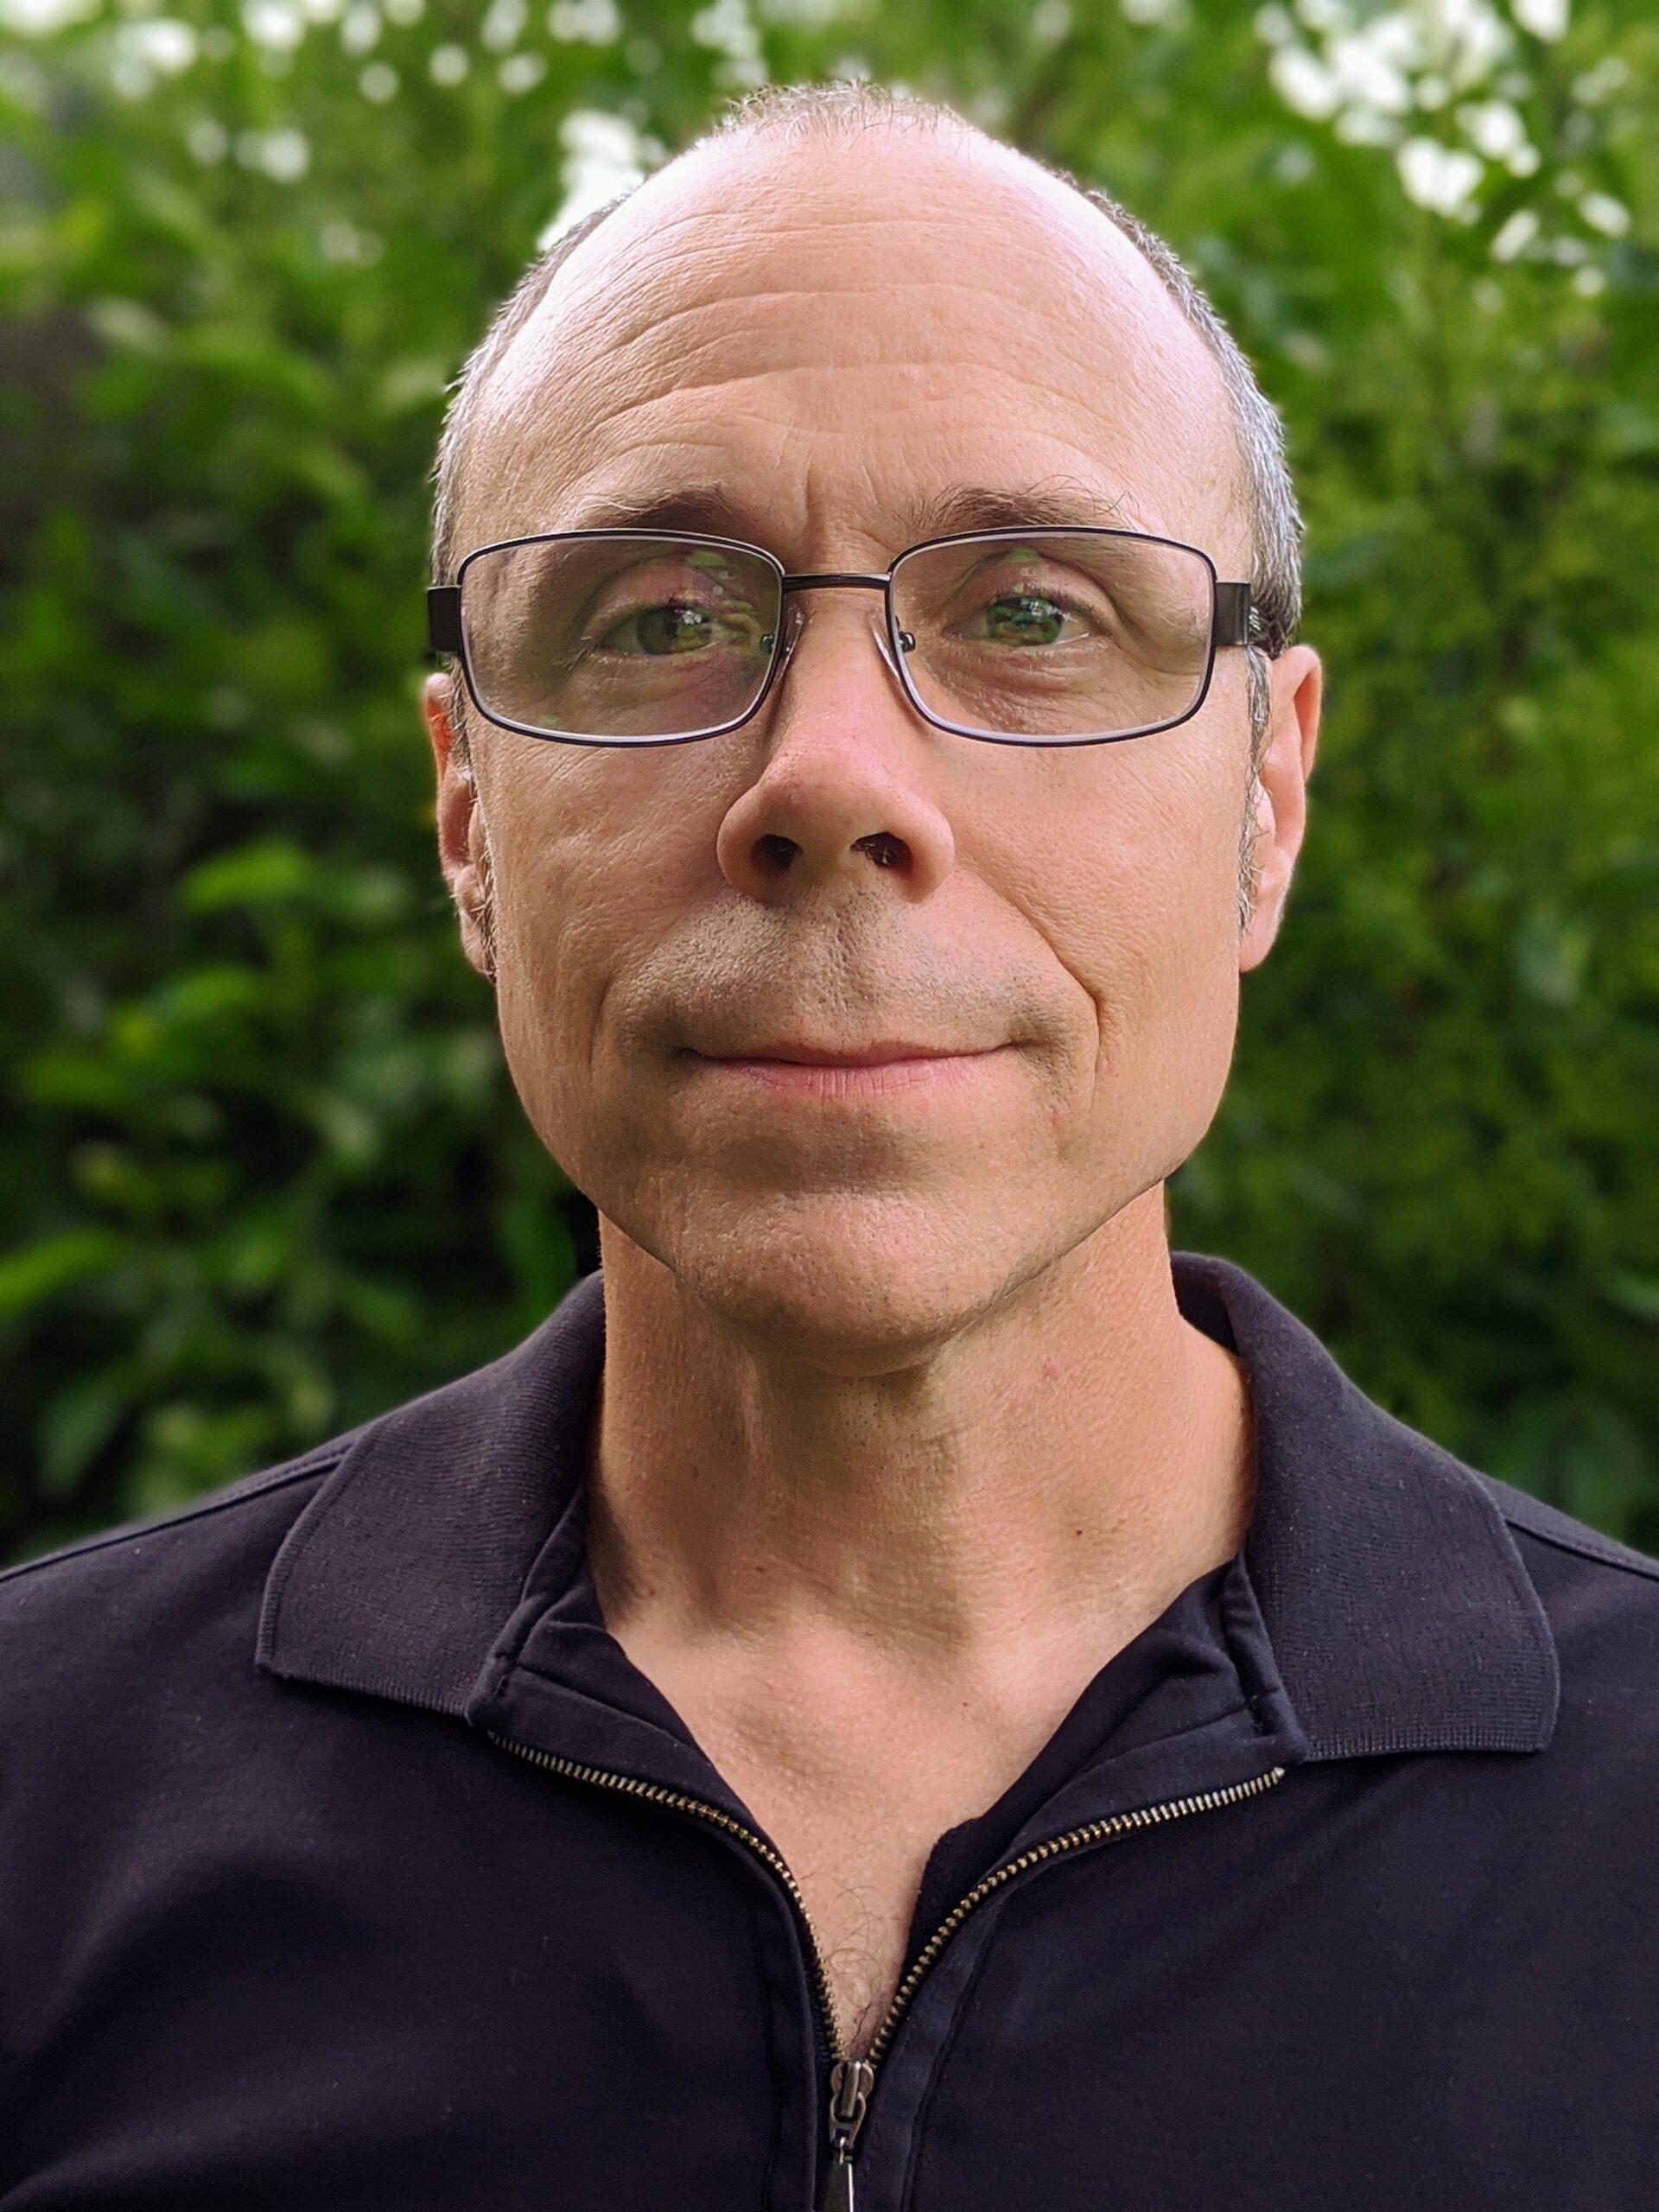 David Derossett